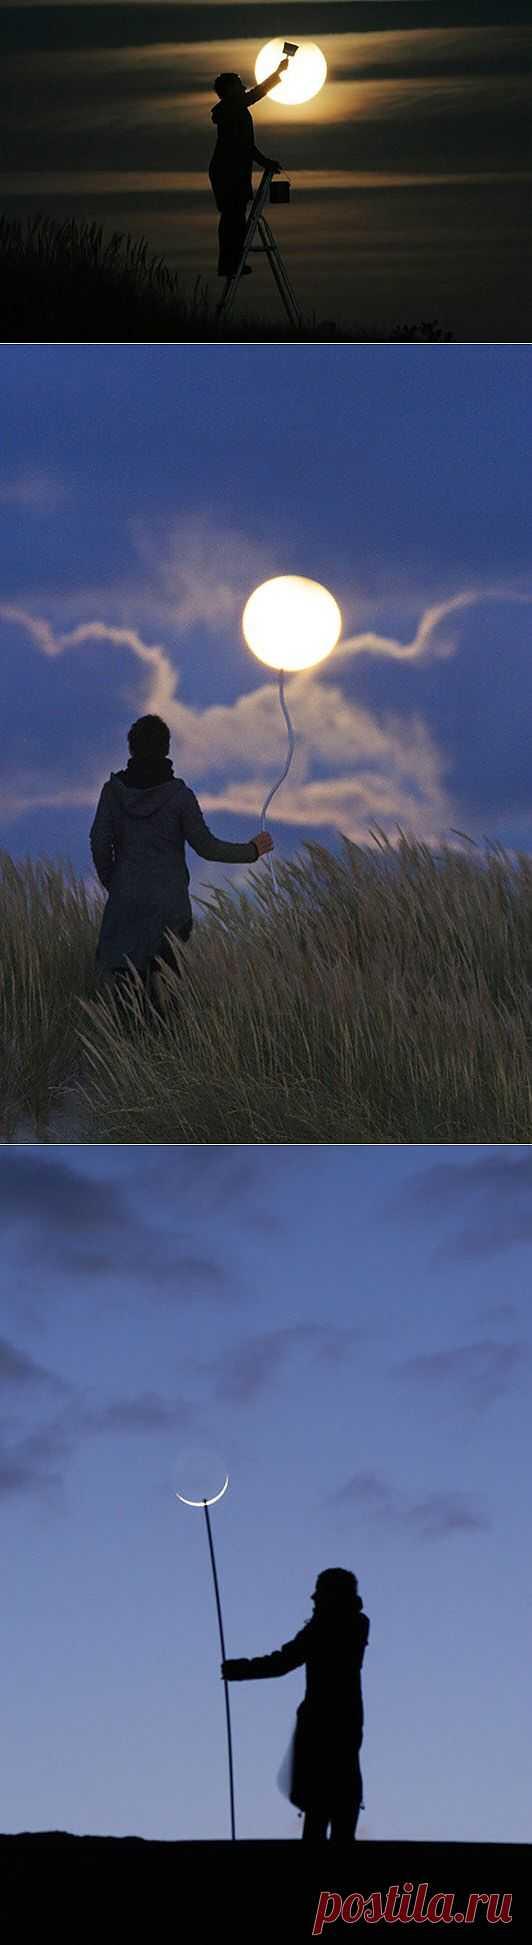 Как сфотографироваться с луной (подборка) / Фото (идеи съемок) / Модный сайт о стильной переделке одежды и интерьера